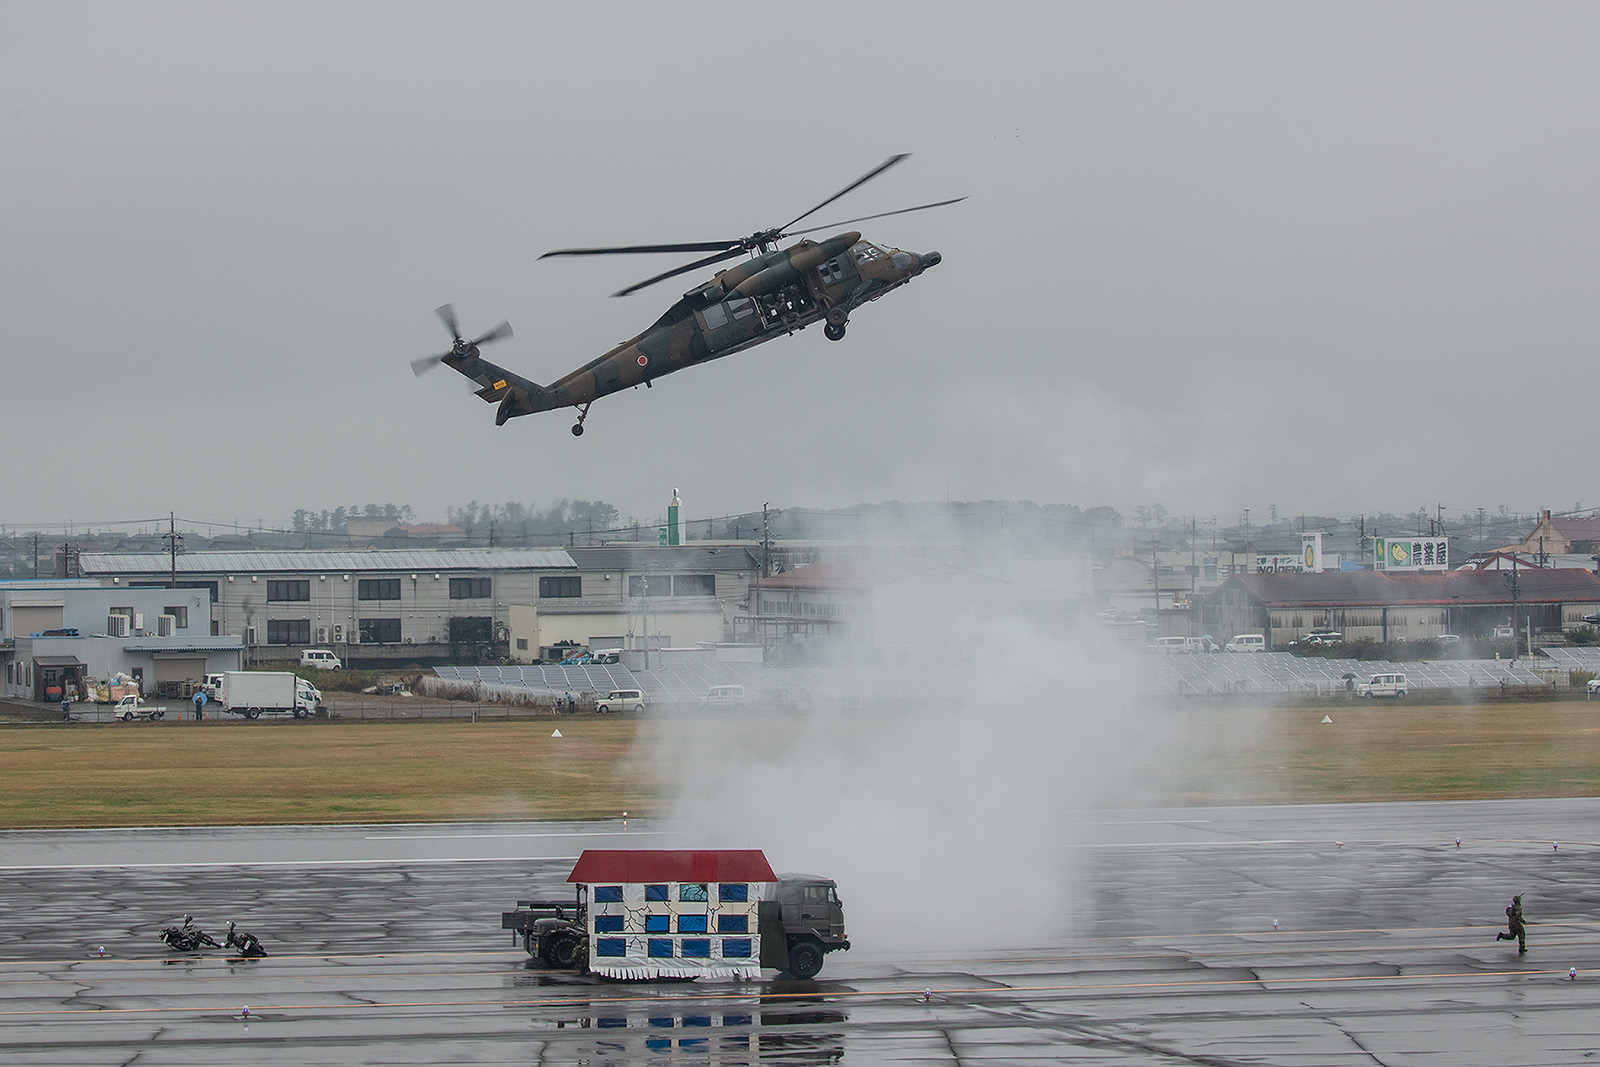 Anflug einer Sikorsky UH-60J Blackhawk.